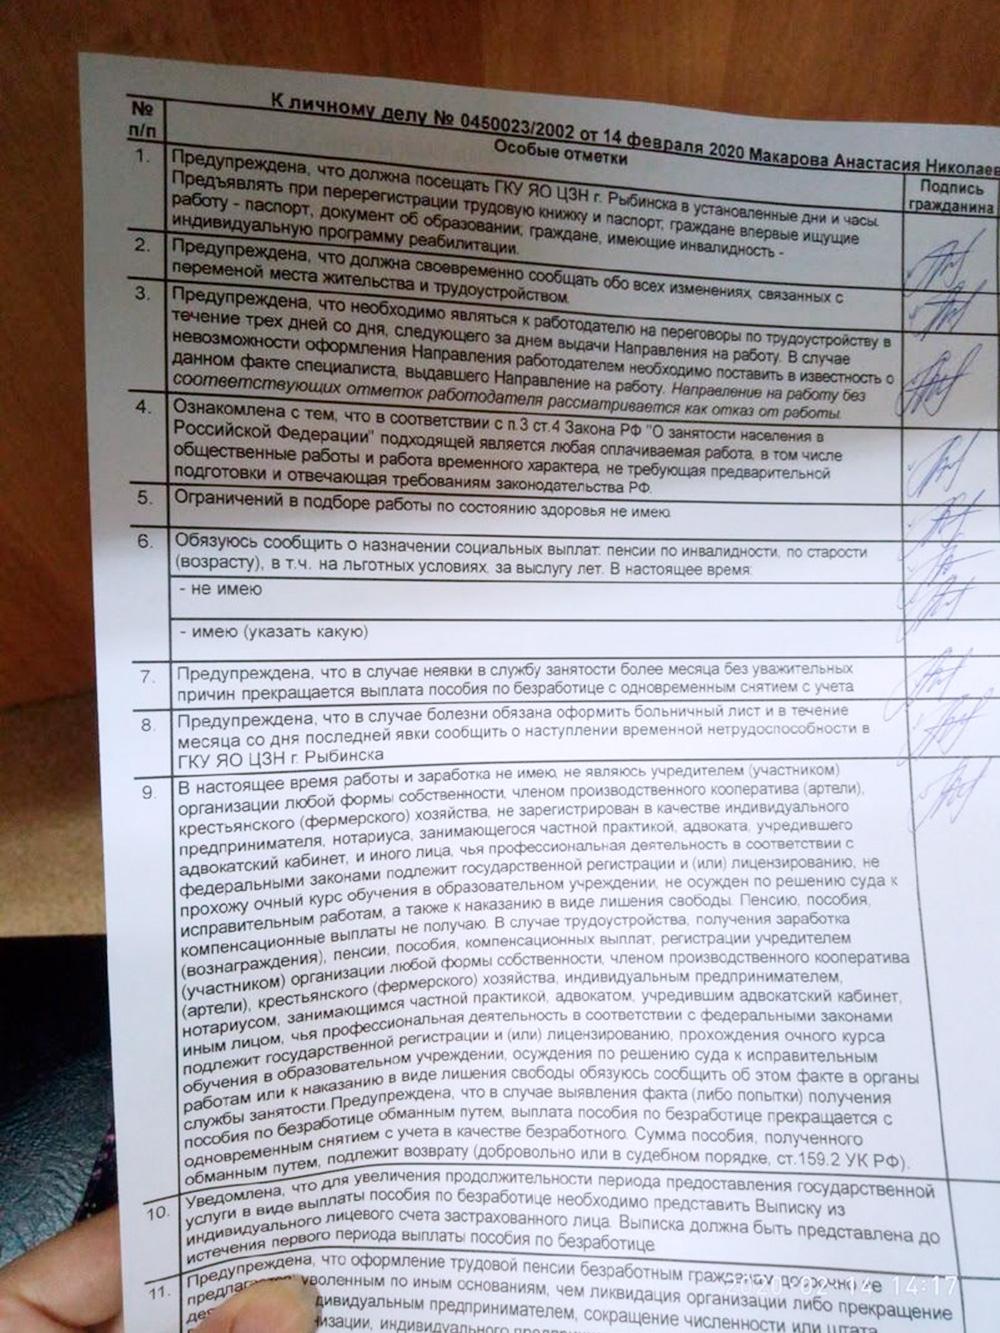 Подавая заявление, я расписалась подкаждым условием постановки на учет